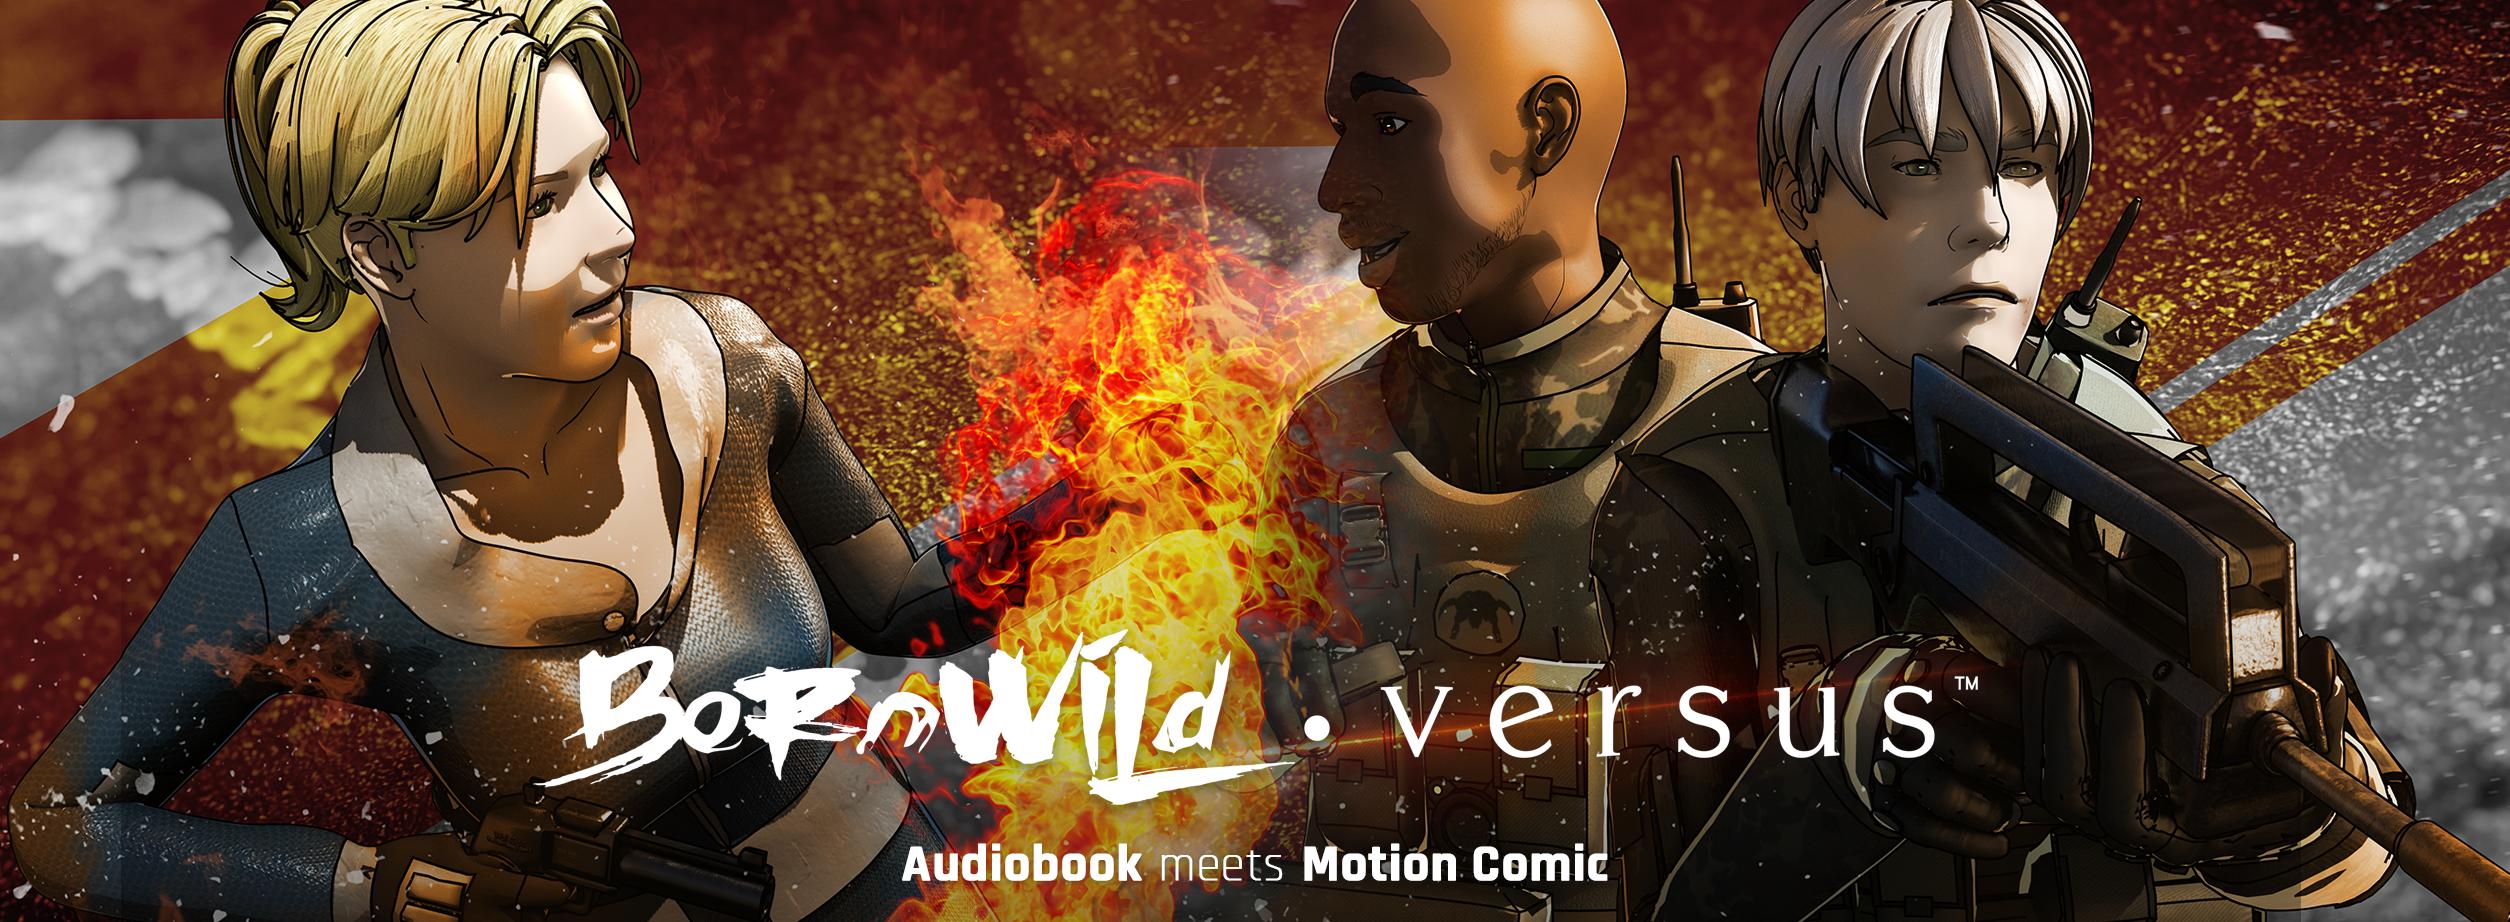 BornWild • Versus - Episode 4